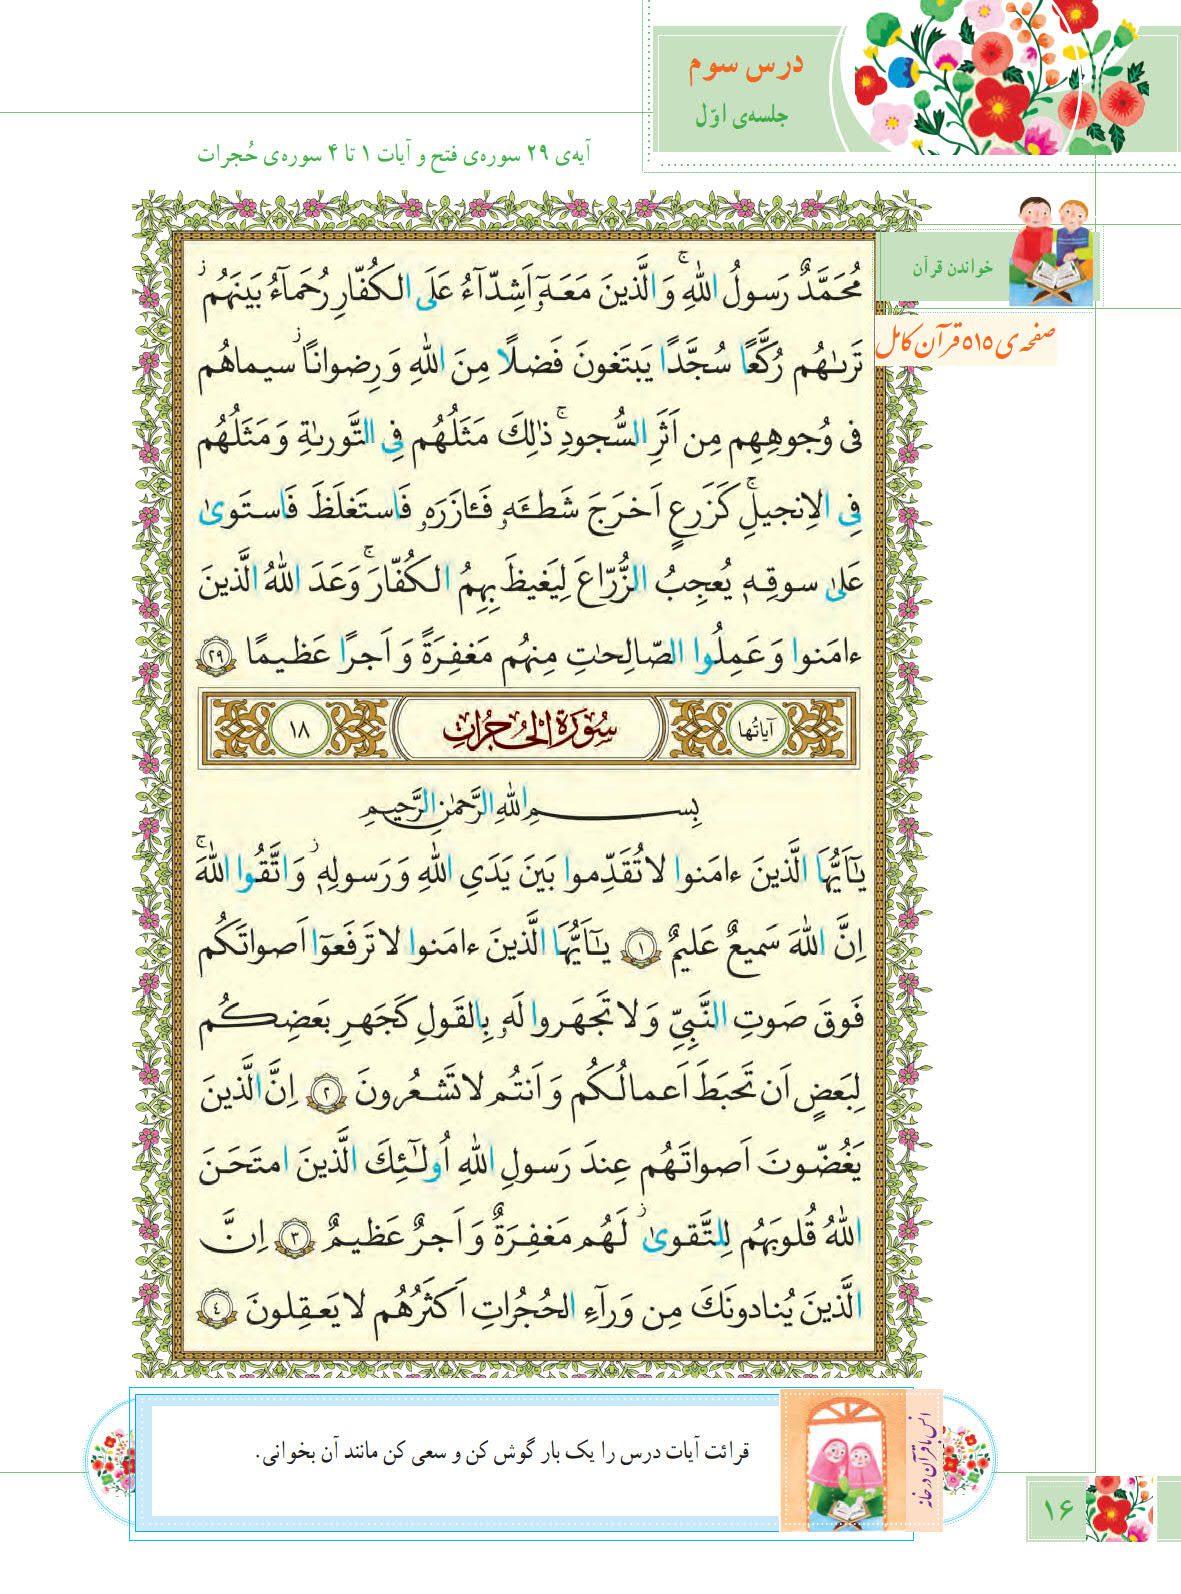 درس سوم آموزش قرآن پایه ششم ابتدایی - کلاس اینترنتی ما - مومکا - صفحه 16 - momeka.ir (1)